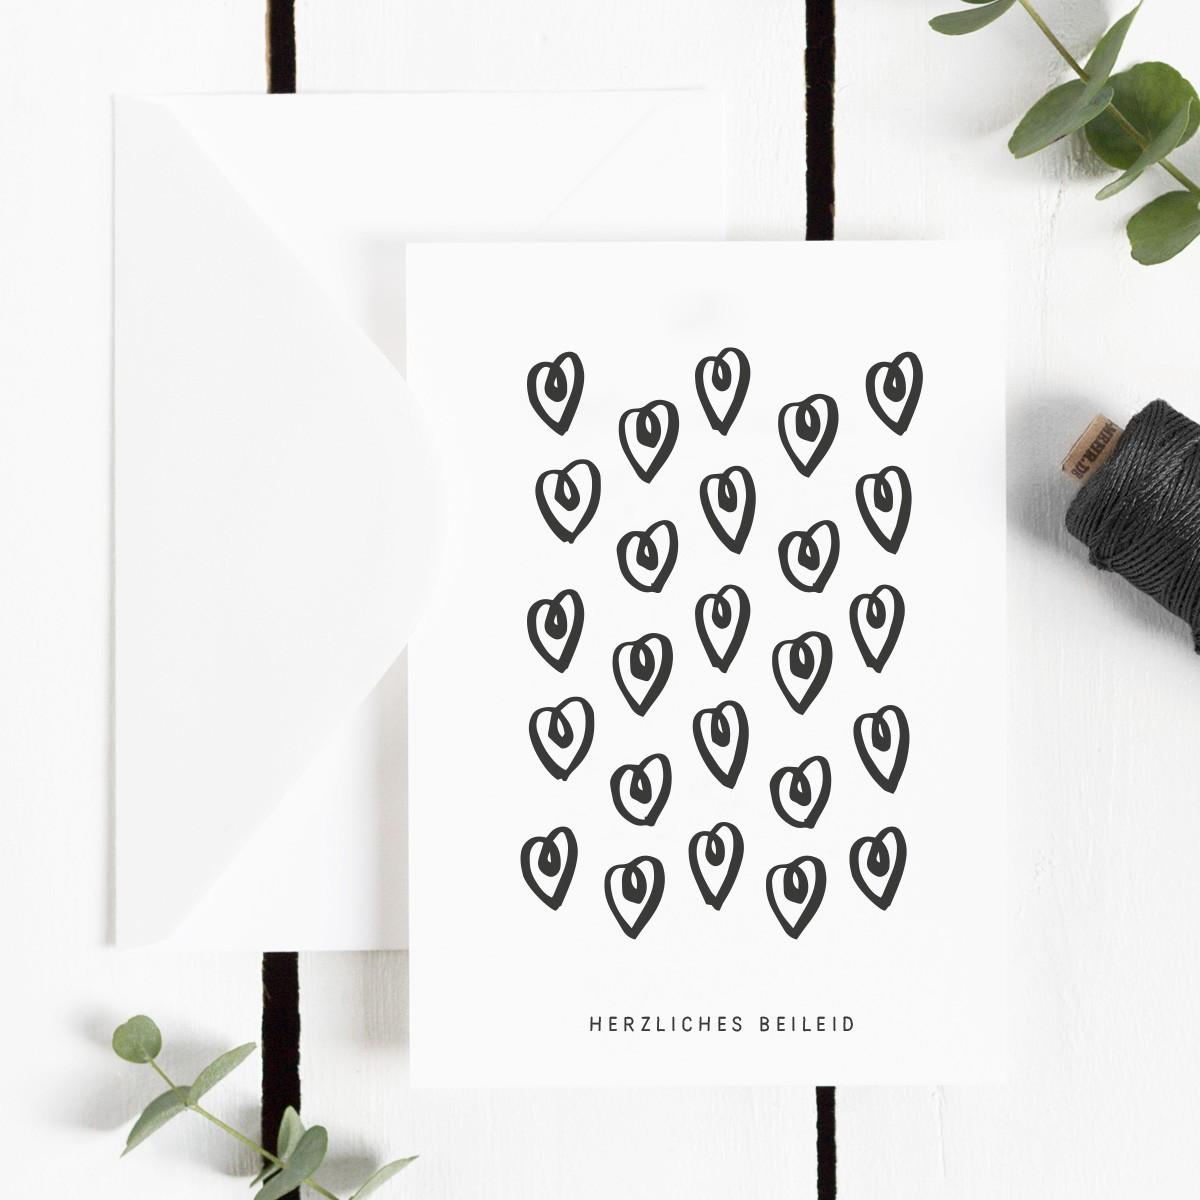 Kleine Papeterie // Herzliches Beileid // Trauerkarte